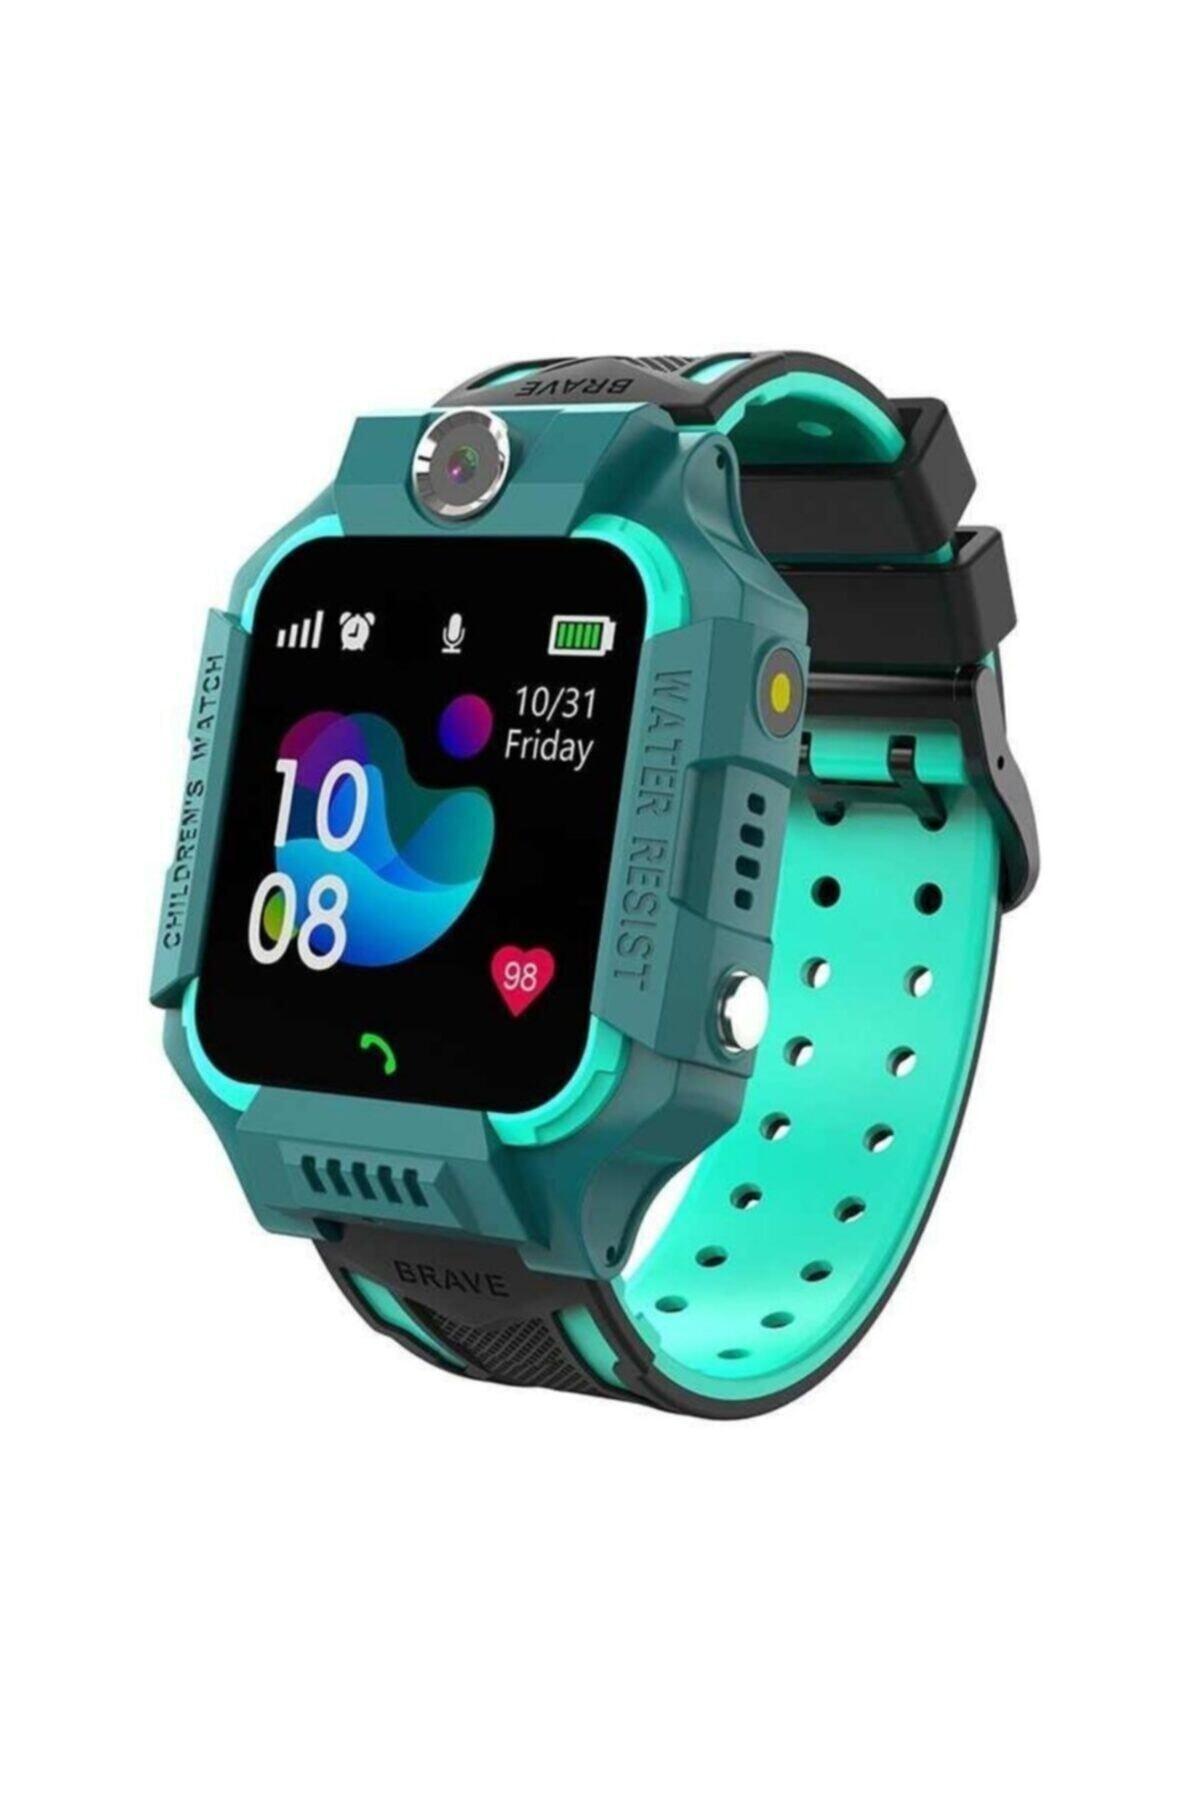 Nabi Q19b Model Kameralı Akıllı Takip Çocuk Saati (Ithalatçi Garantili) 2